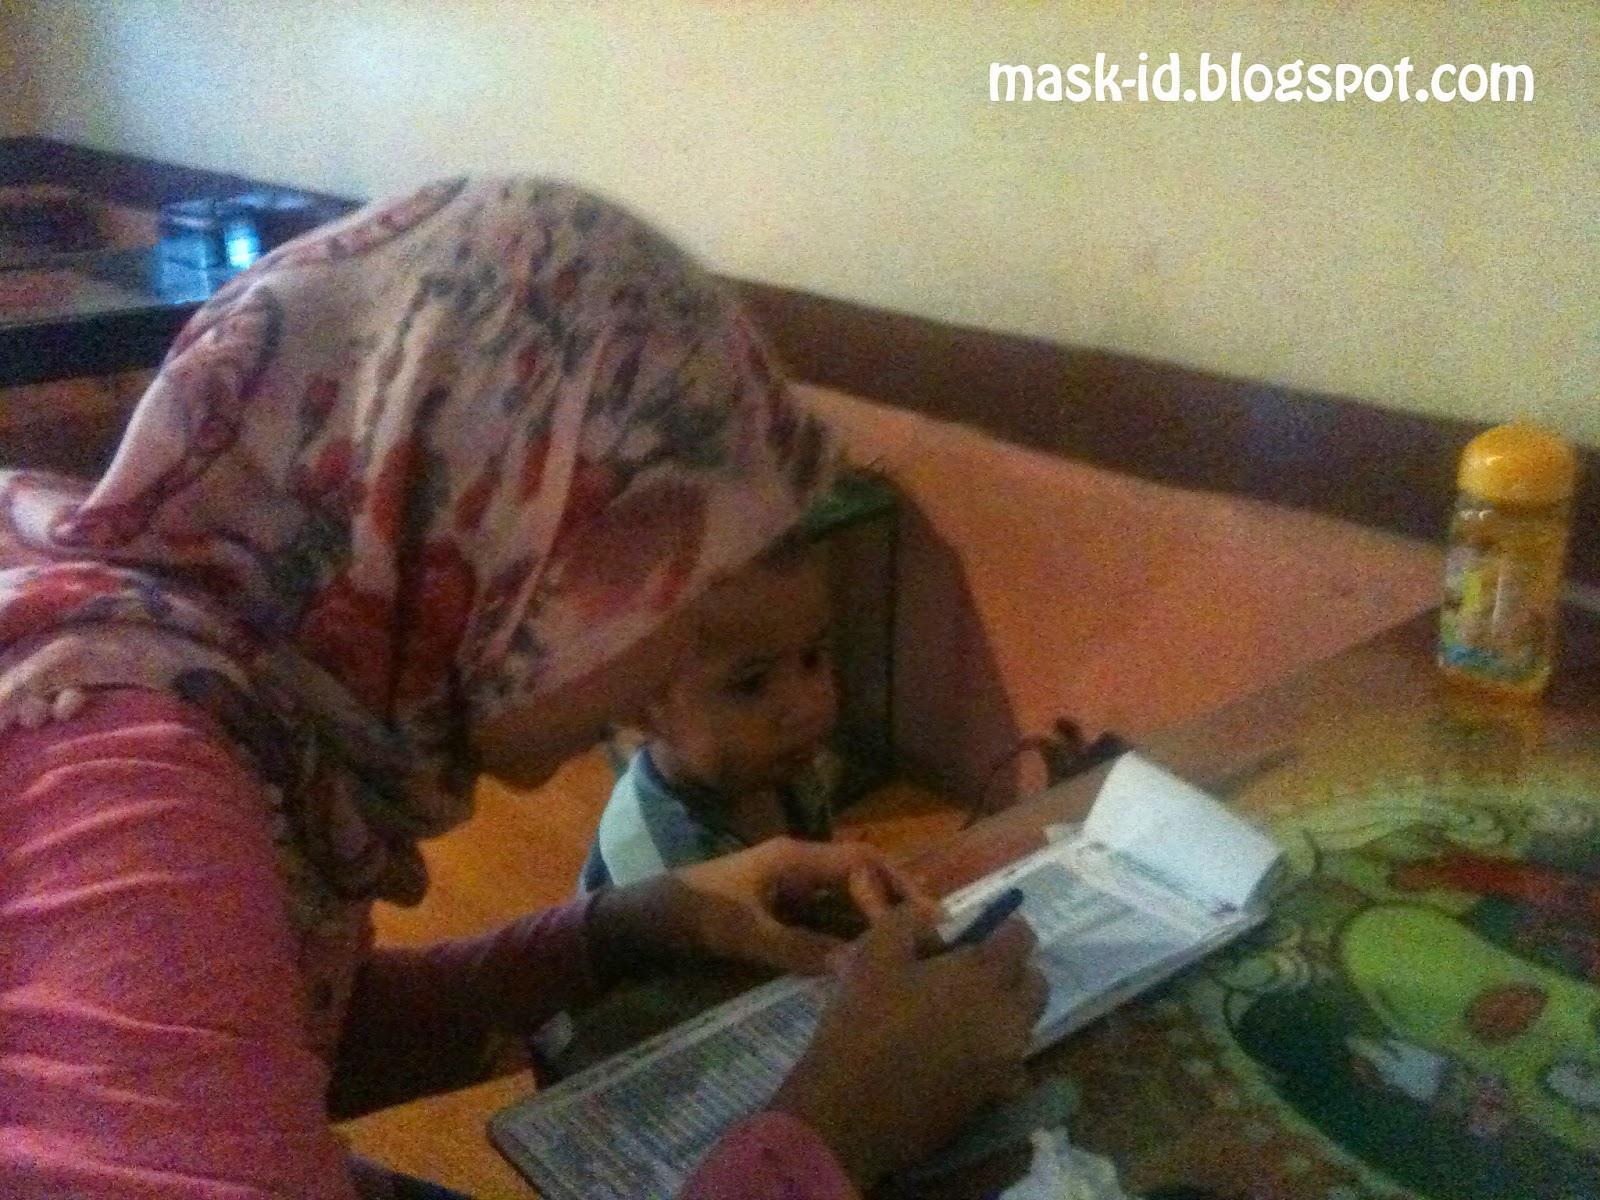 Adik Mau Main Pukul Tikus Ayah | Mas Kid Blog